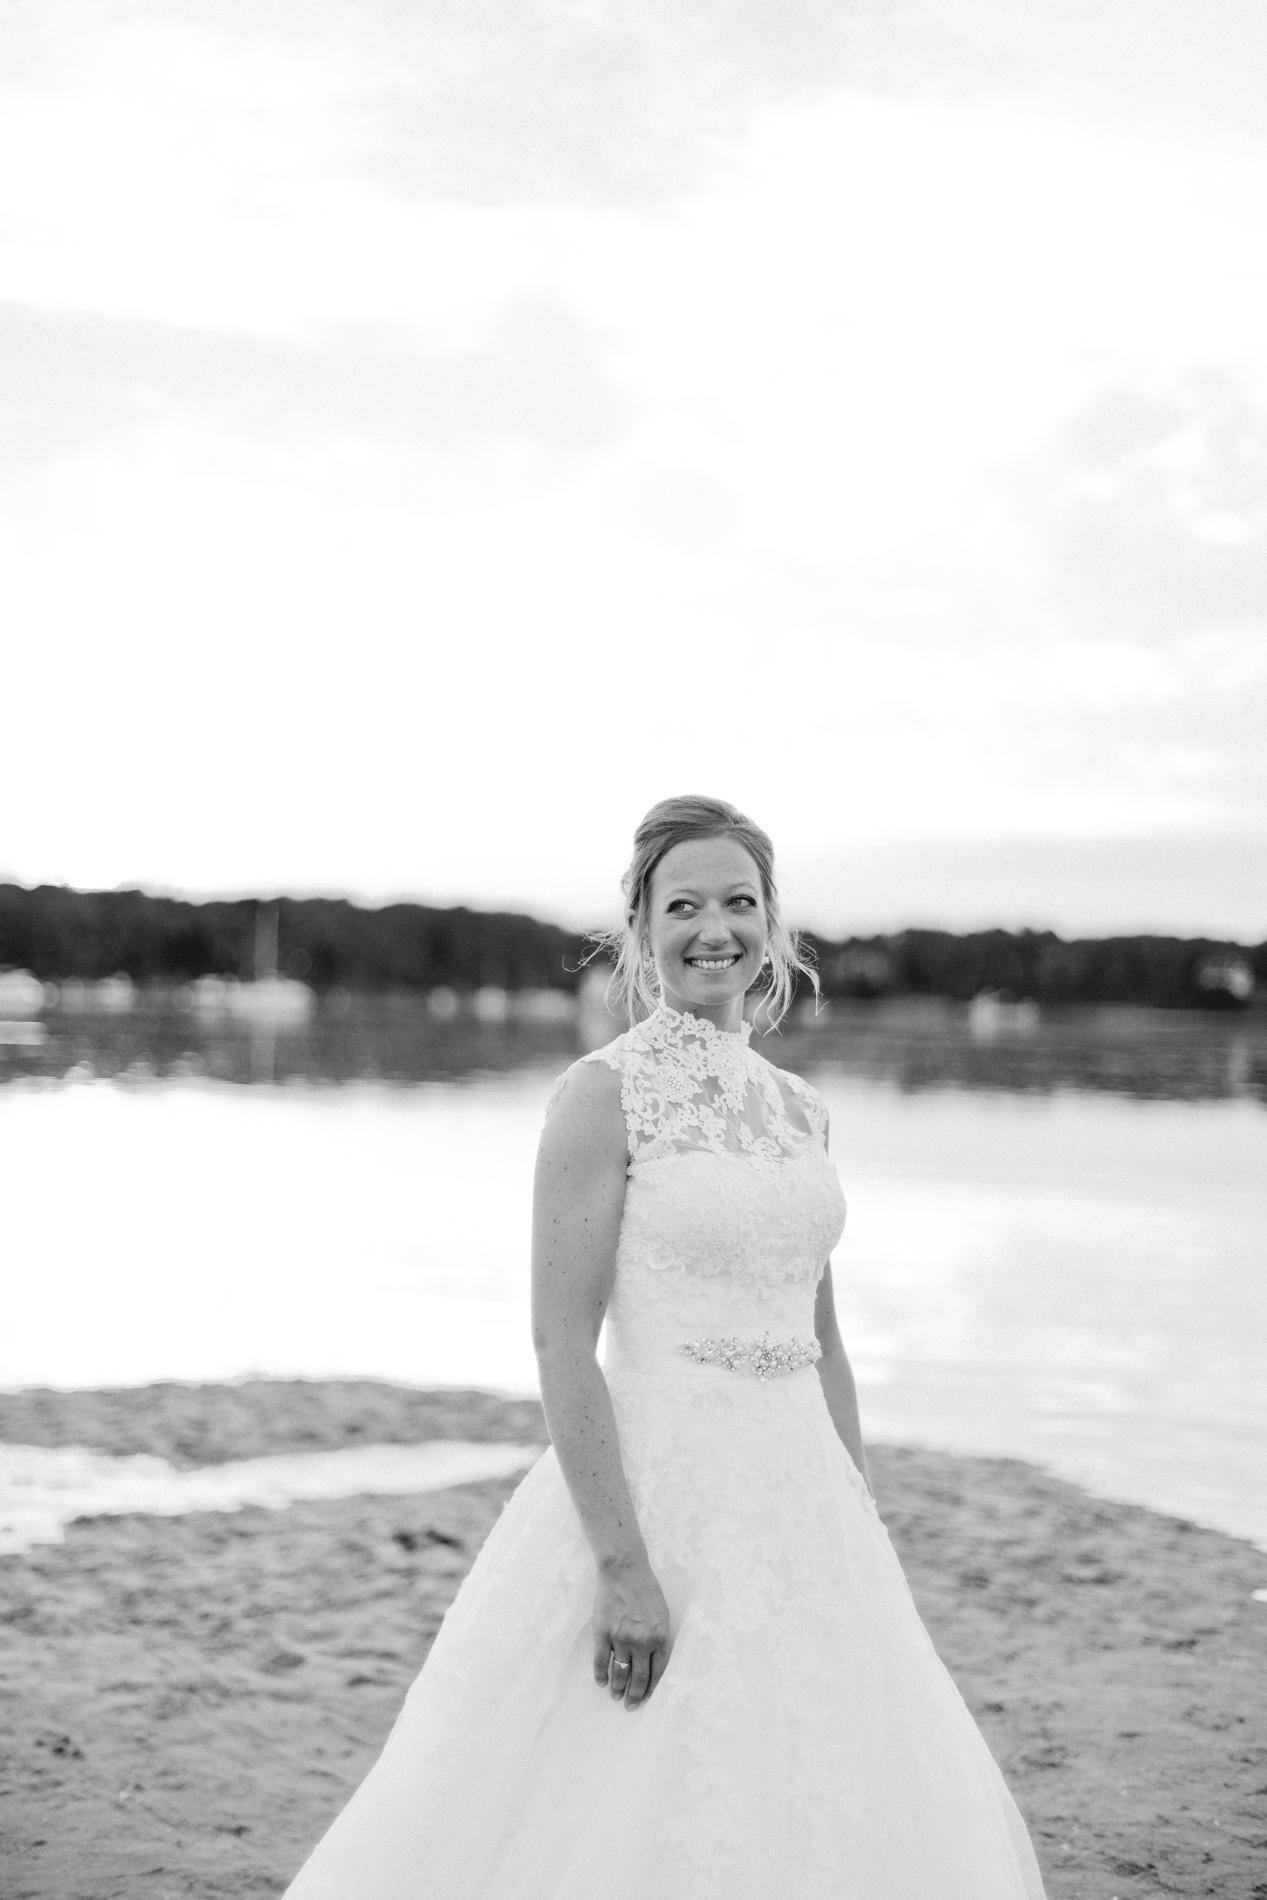 photographe-mariage-bretagne-maria-thomas-97